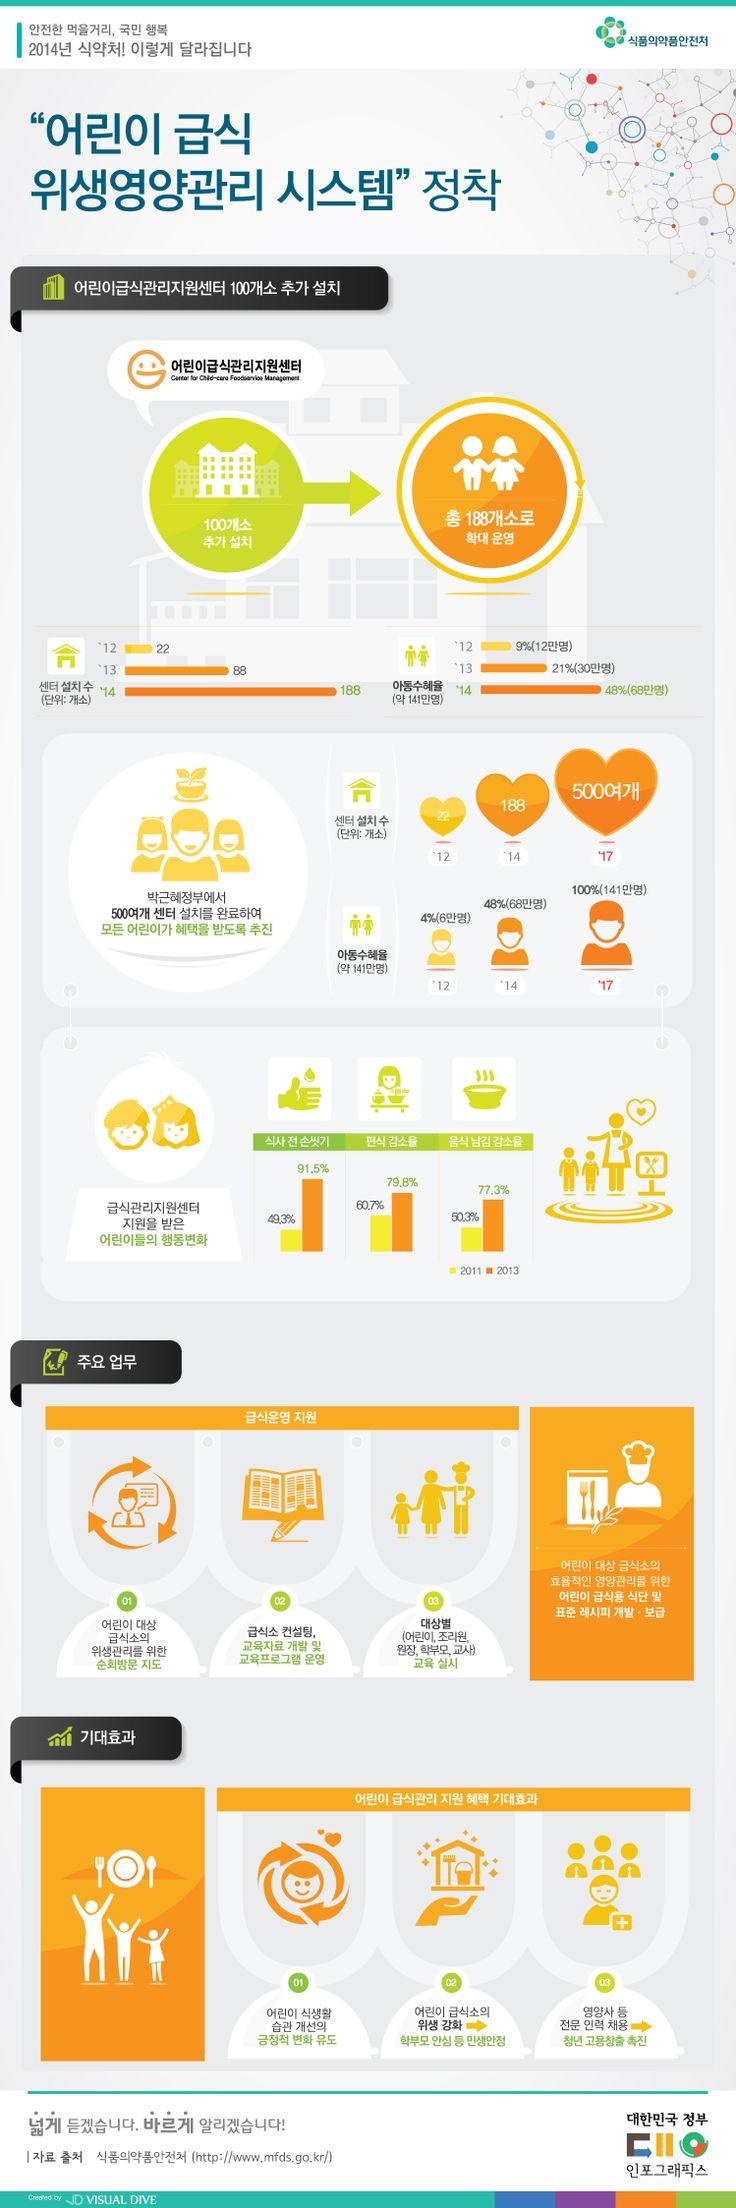 [인포그래픽] 어린이 급식 위생영양관리 시스템 체계적으로 지원 #kids / #Infographic ⓒ 비주얼다이브 무단 복사·전재·재배포 금지